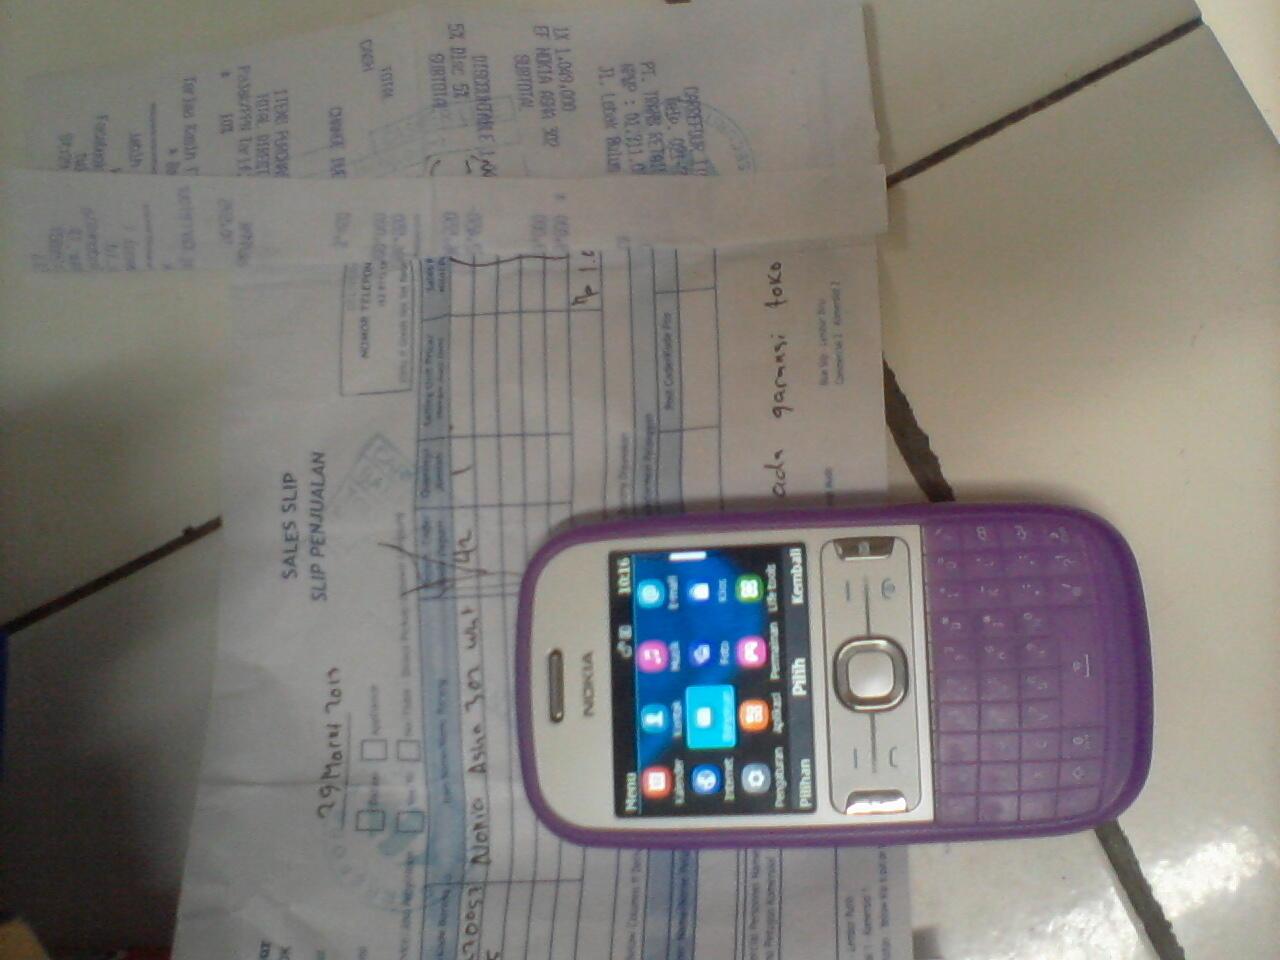 nokia asha 302 fullset+nota+kondom warna ungu